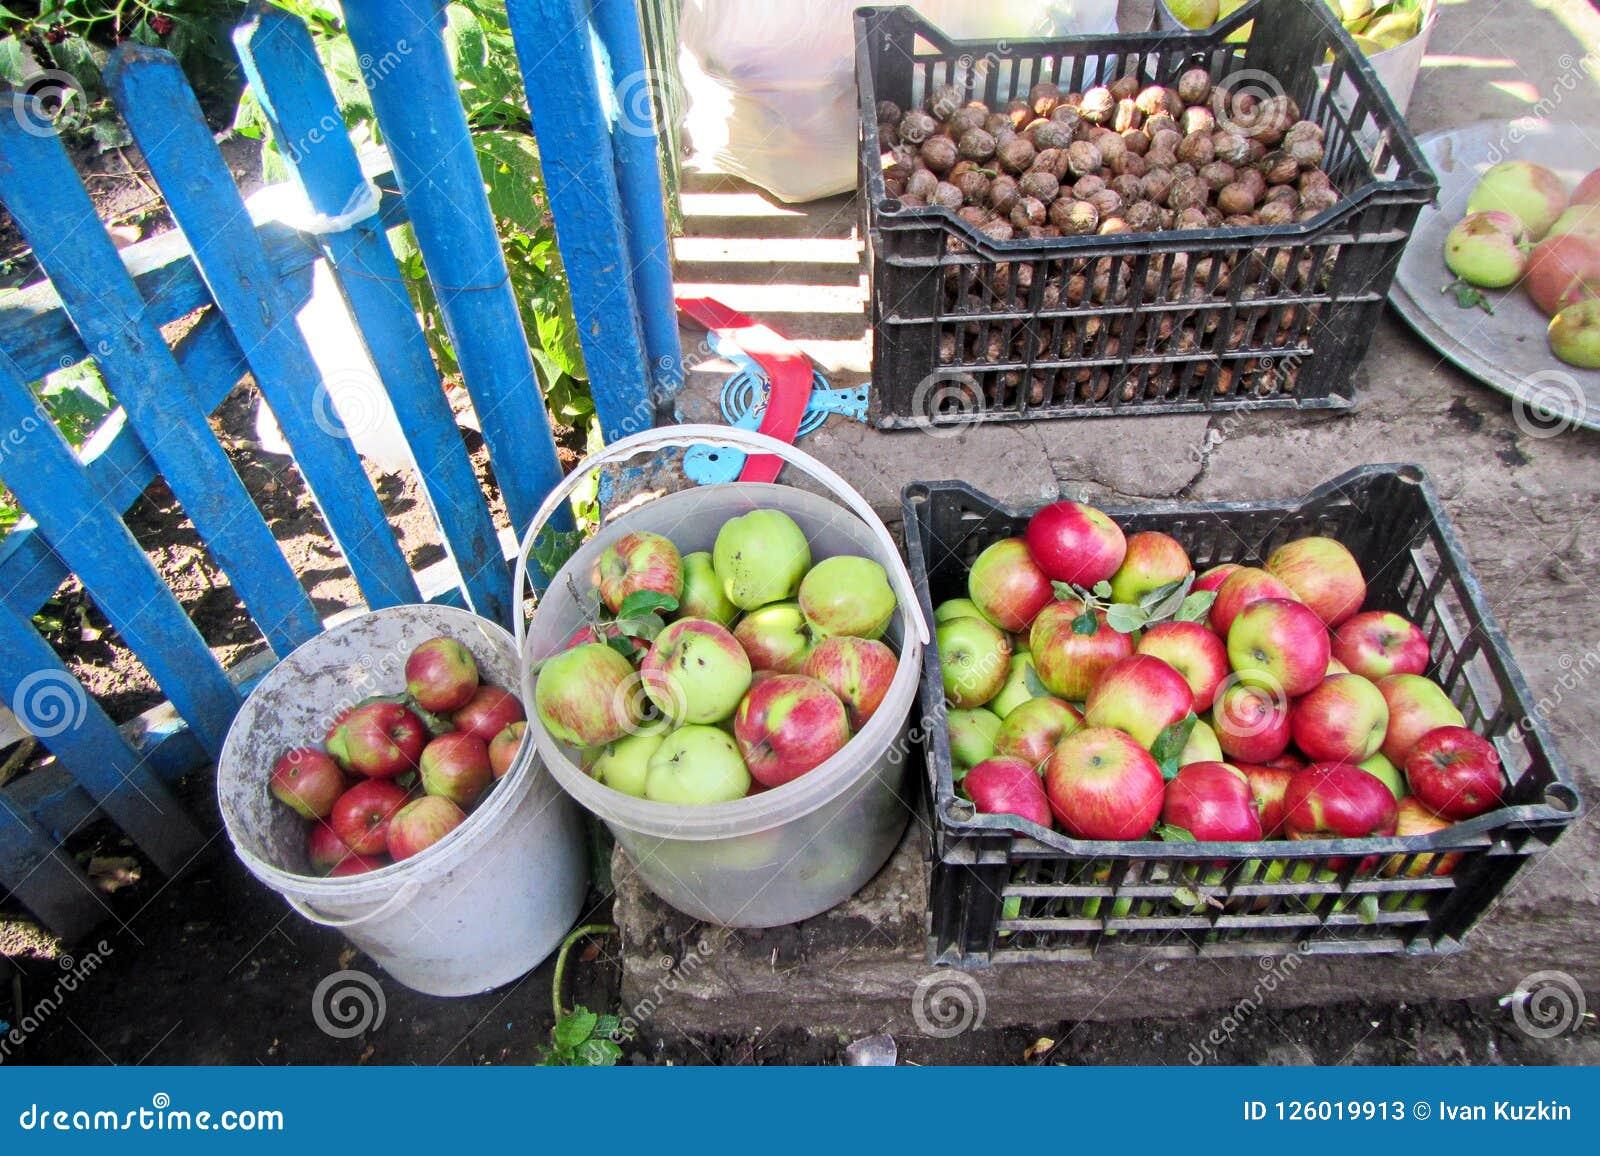 Höstskörd av frukter, äpplen, nu-ts som samlas i hinkar, och askar